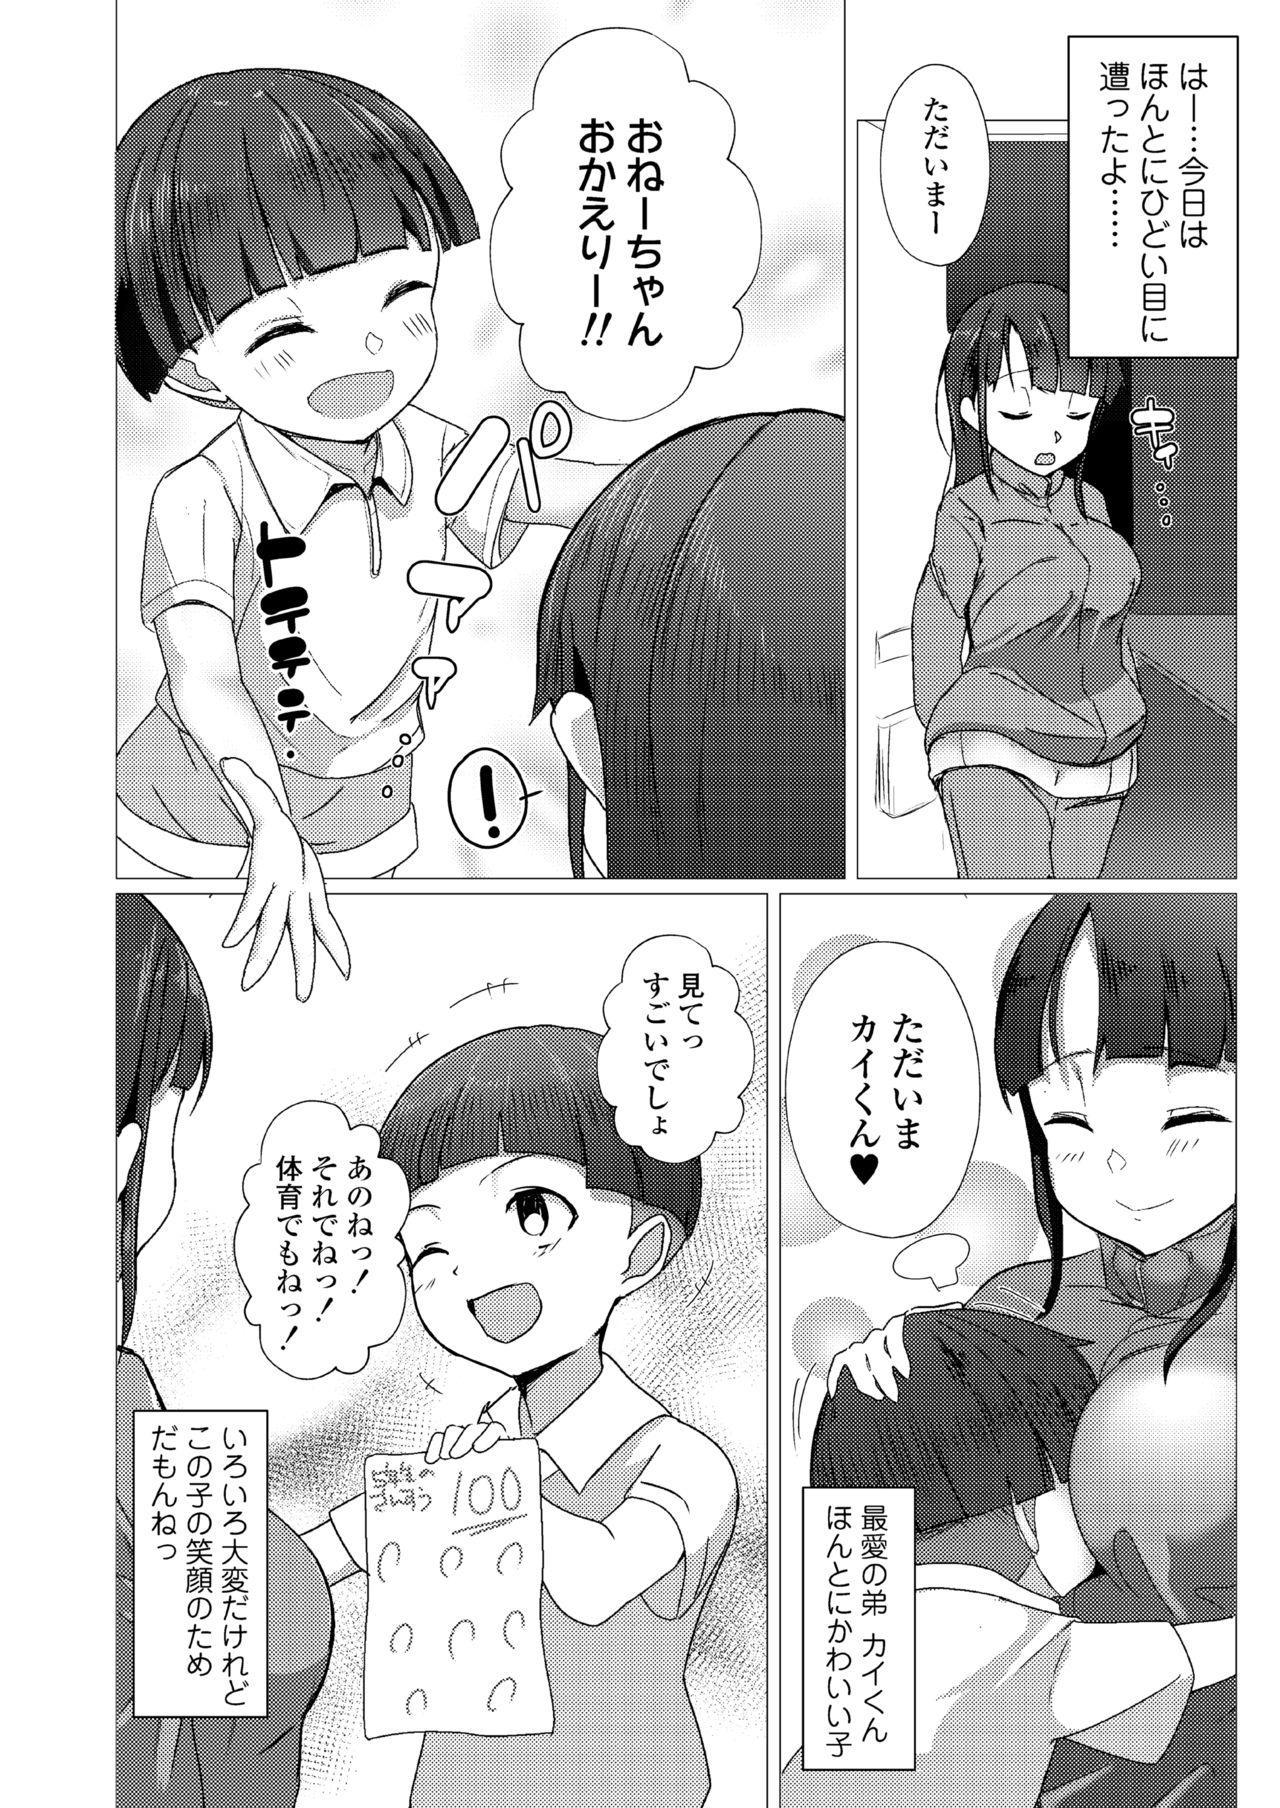 Kotowarenai Musume Ecchi na Karada de Oshiniyowai Seiyuu Shibou no Ko ga Free Sex Gakuen ni Nyuugaku Shichattara 29